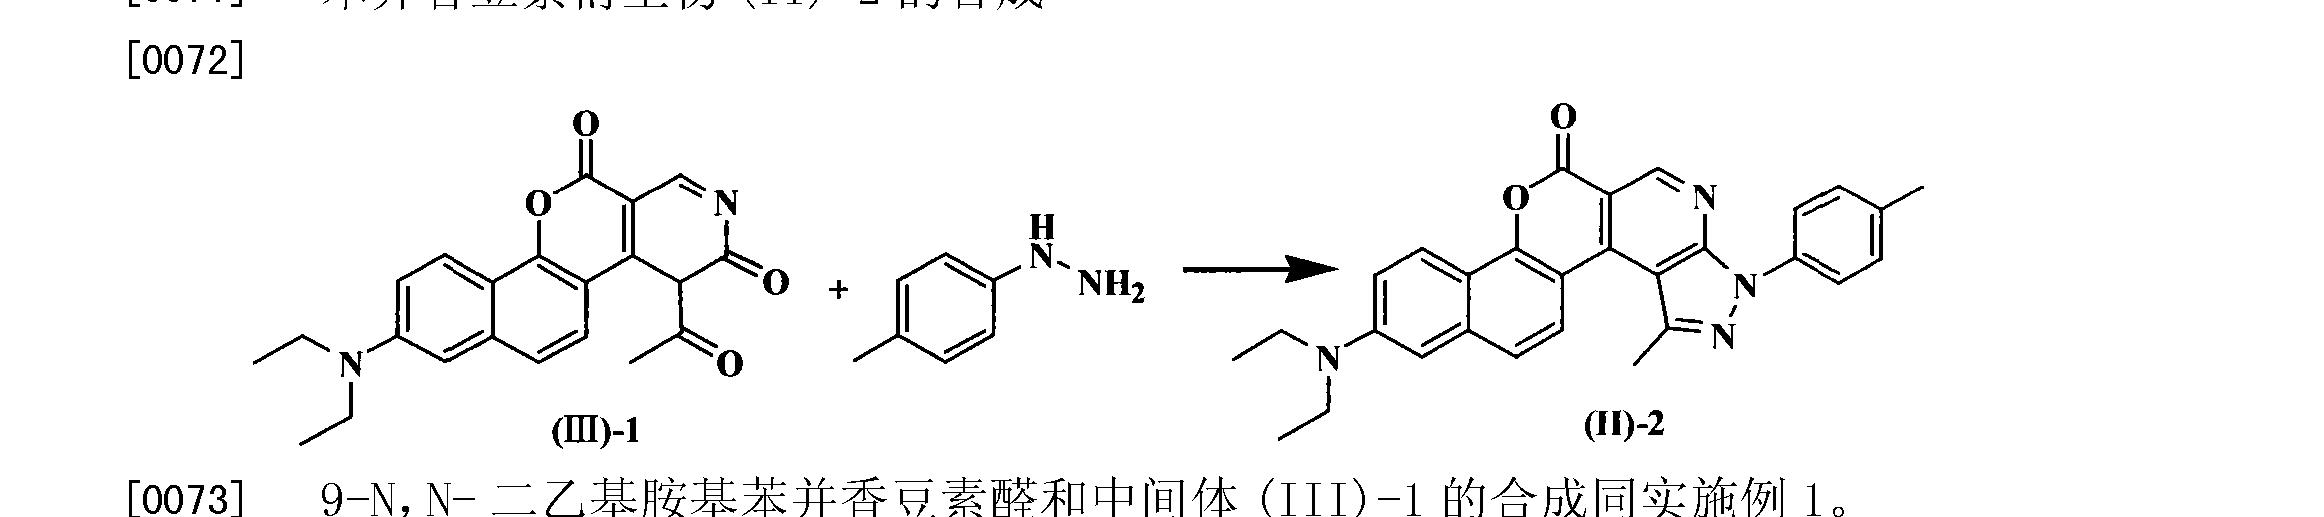 [0013] 式(I)或(II)中的R1为氢、烷基、烷氧基、芳基或胺基;R2为氢、烷基、烷氧基或芳基;R3为氢、烷基、烷氧基、芳基或胺基;R4为氢、烷基或酰基;R5为氢、烷基、硝基或卤素;X、 Y独立地为C或N。 [0014] 所述的R1、!?2、!?3、!?4或R5中的烷基为:1至15个碳原子的链烷基或3至15个碳原 子的环烷基。 [0015] 所述的R1、R2或R3中的烷氧基为:1至15个碳原子的烷氧基。 [0016] 所述的R1J2或R3中的芳基选自:苯基,邻、对、间位1至15个碳原子的烷基苯基,